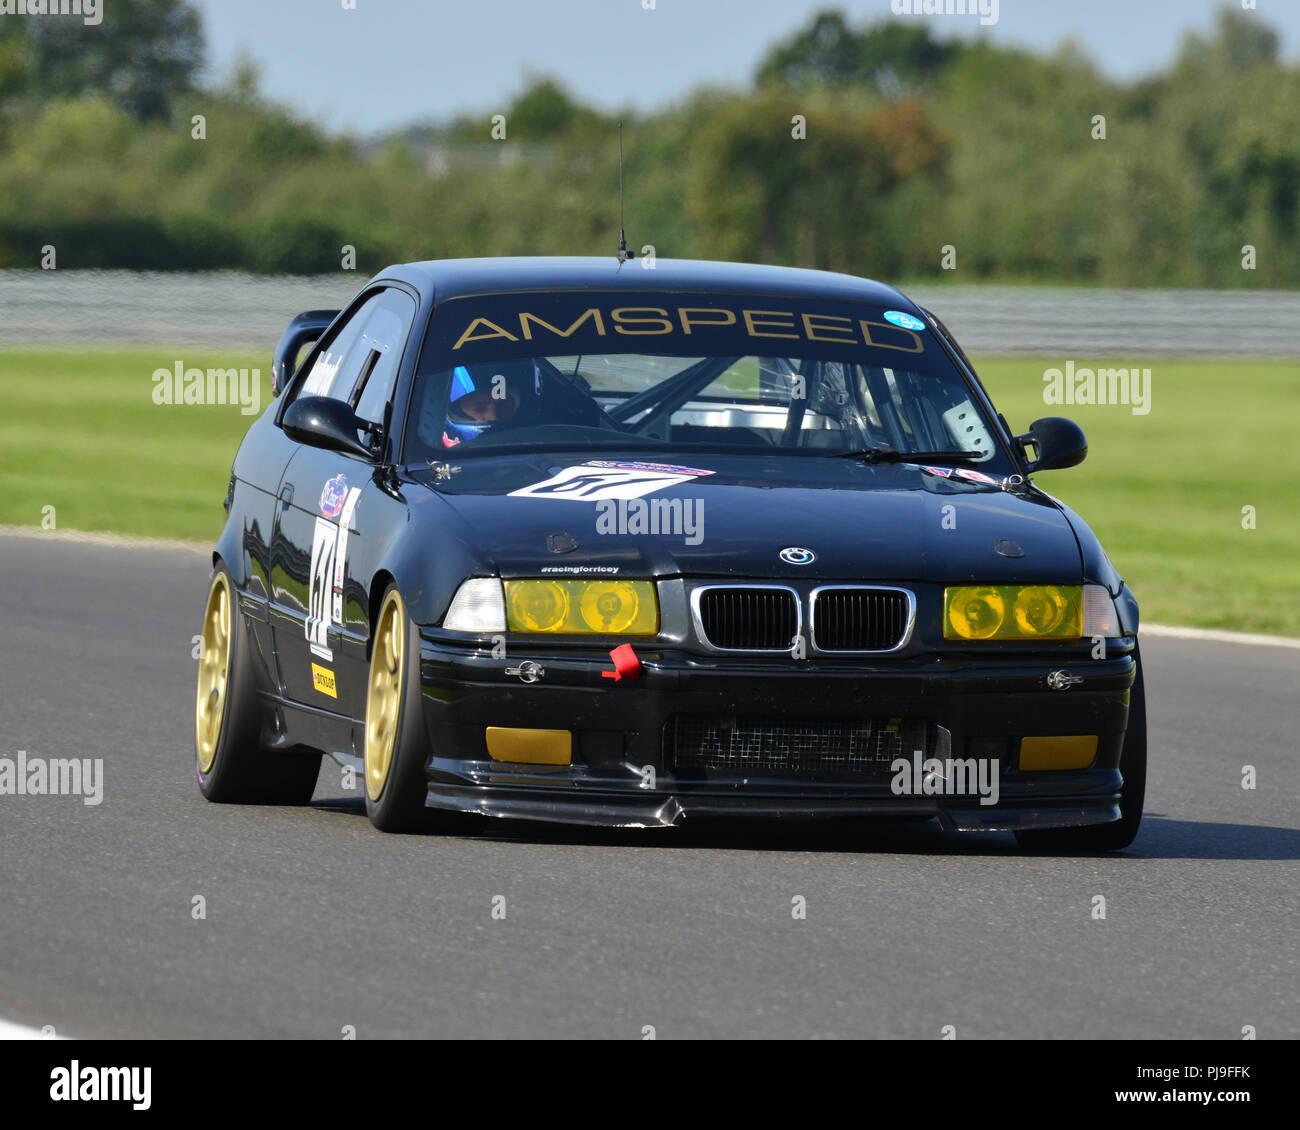 Bmw E36 Stock Photos & Bmw E36 Stock Images - Alamy